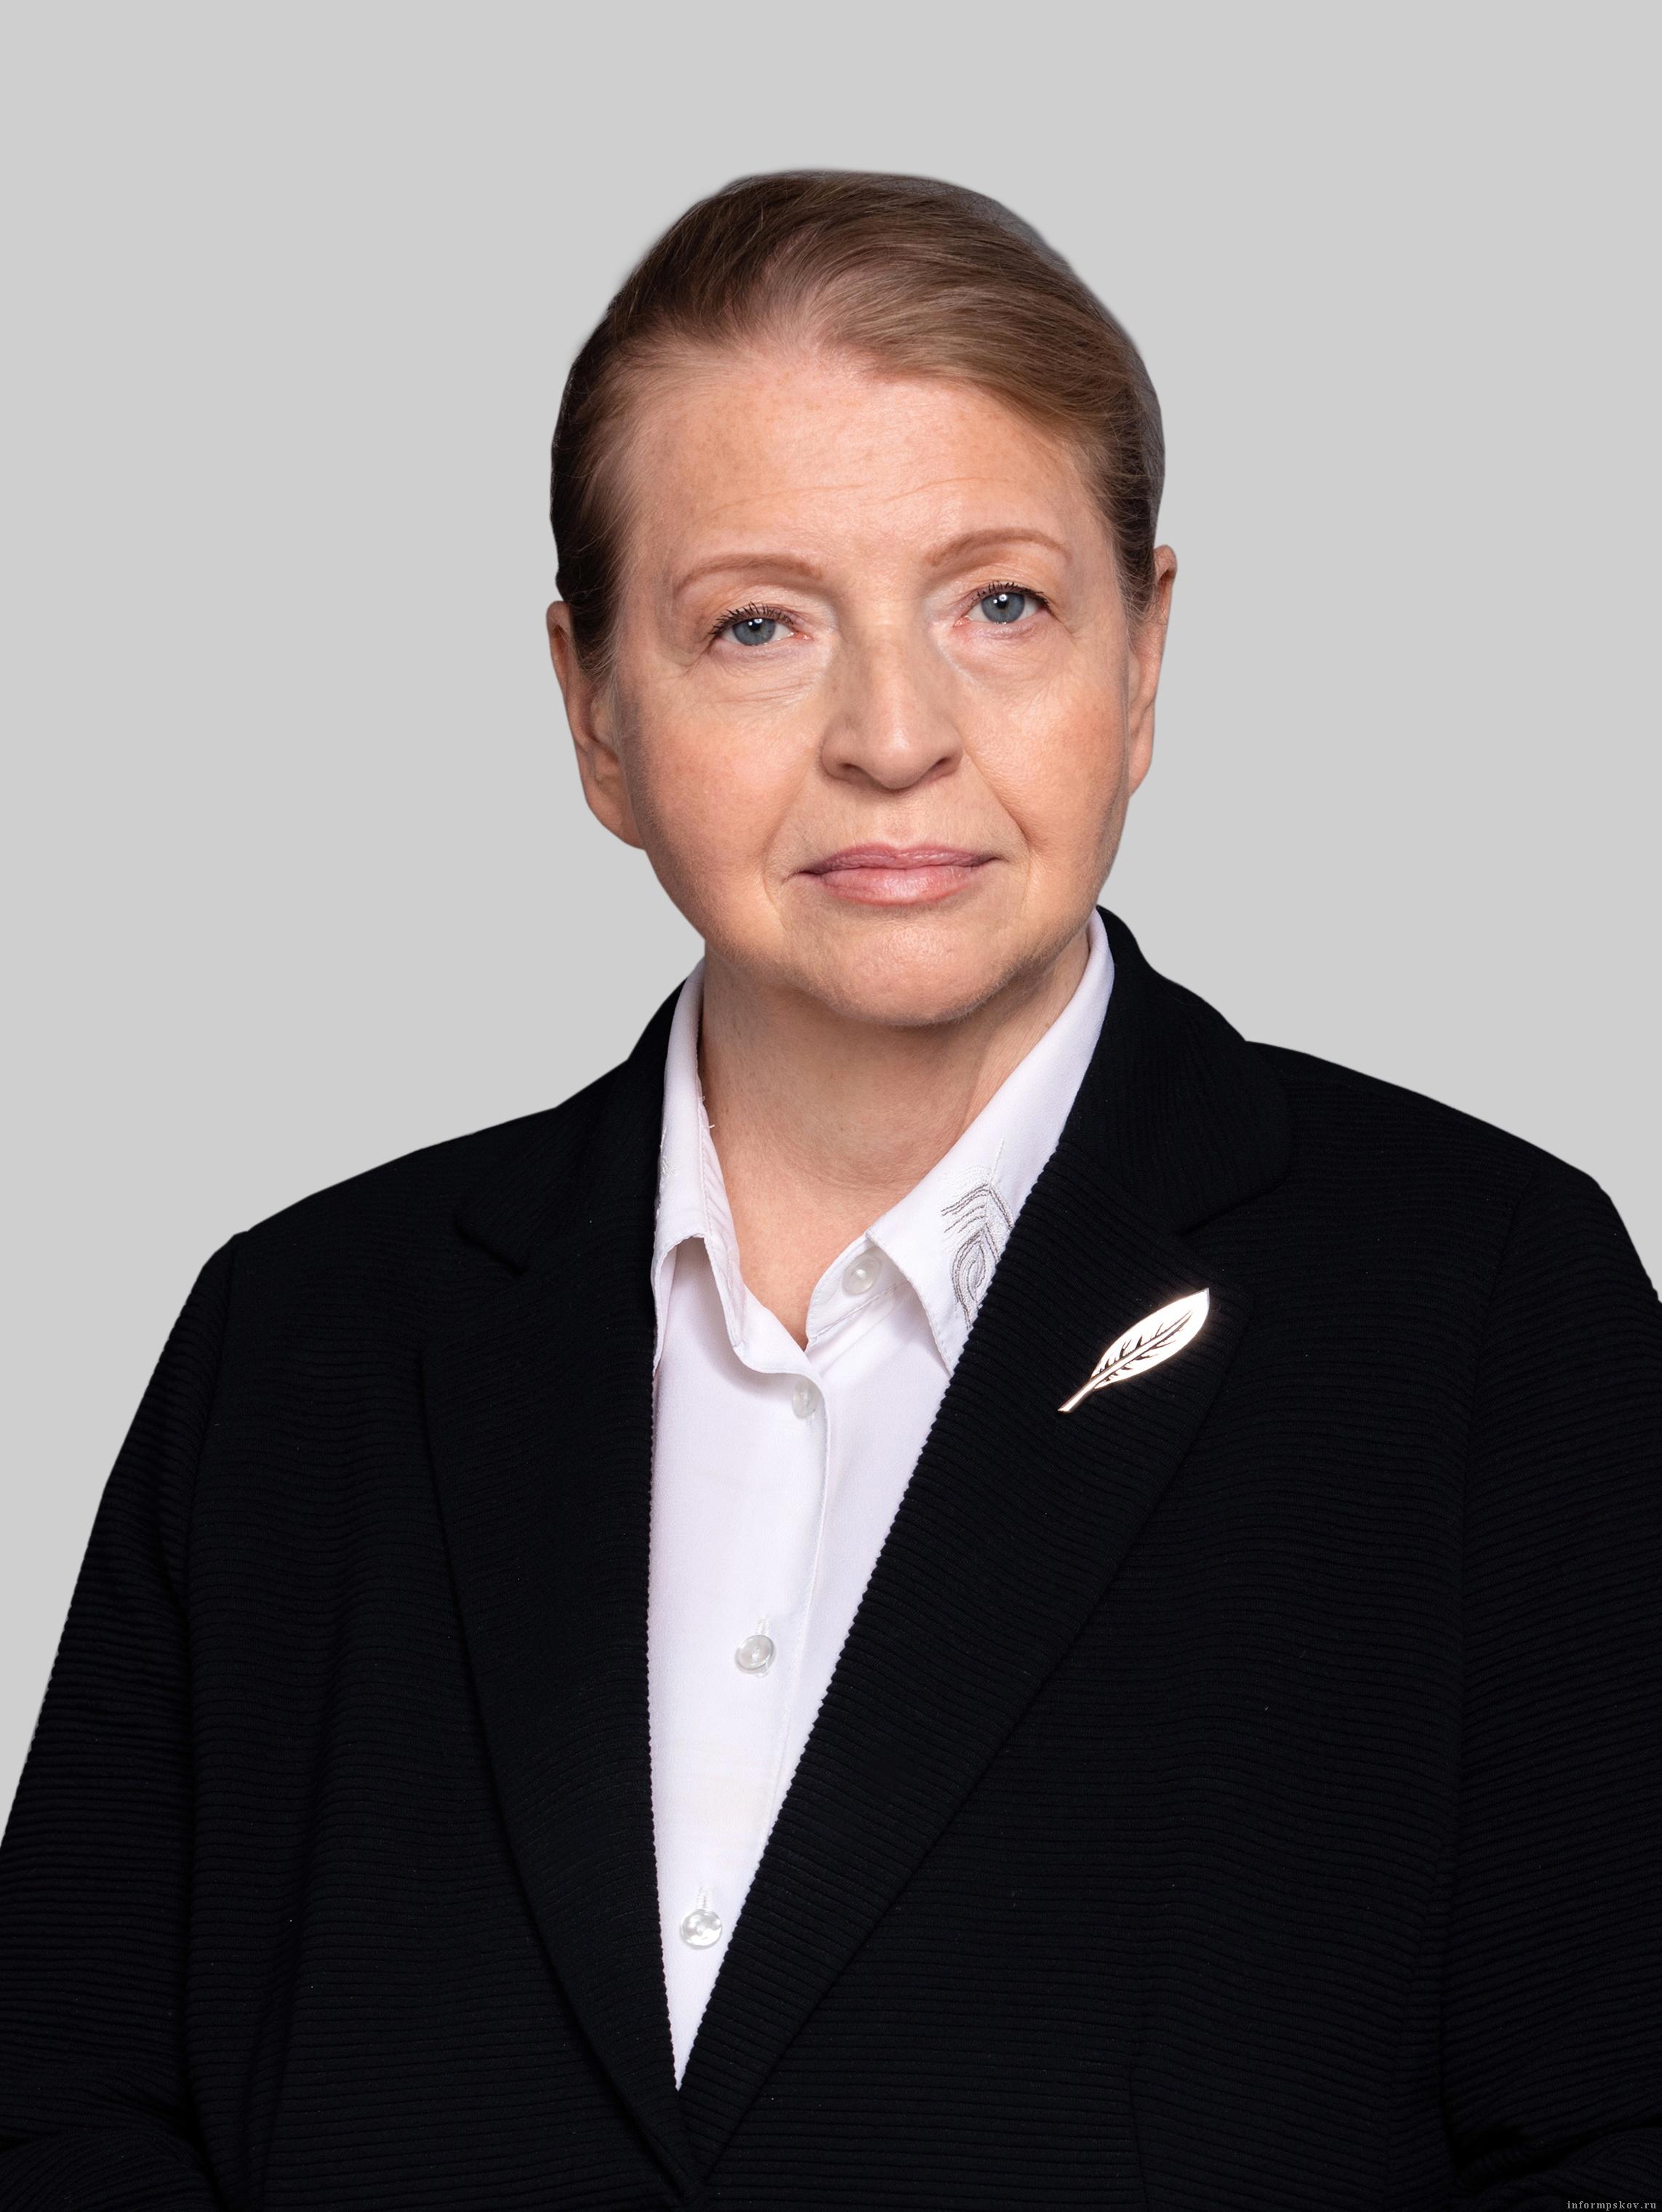 Фото предоставлено Банком России.